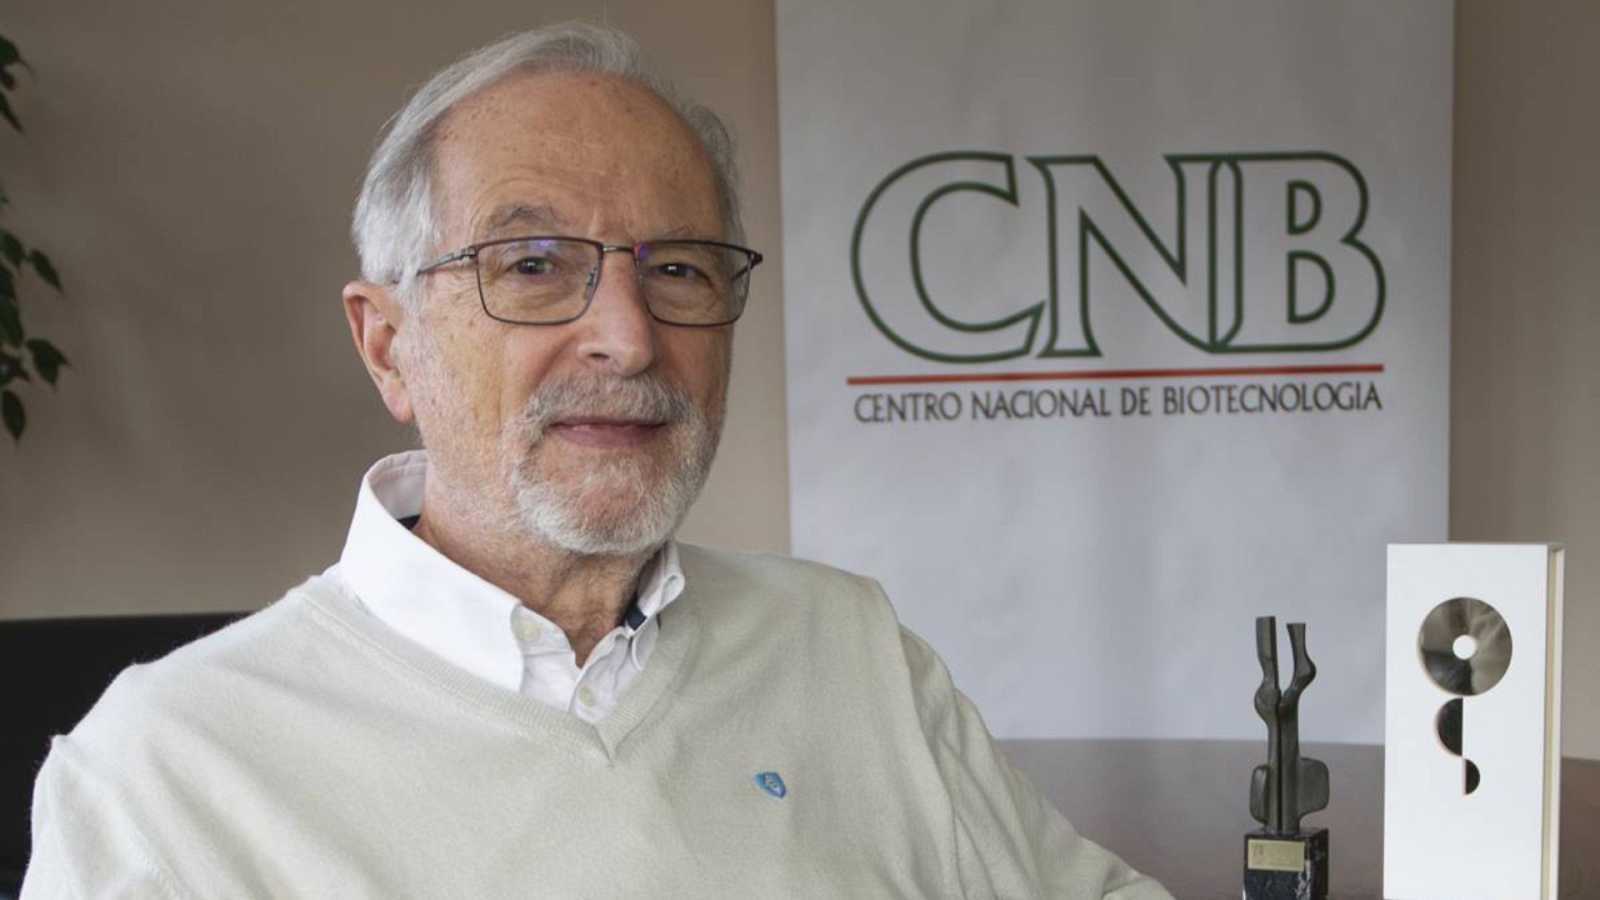 """Luis Enjuanes, virólogo del CSIC, trabaja en una """"innovadora"""" vacuna española para """"una inmunidad más completa"""" contra la COVID"""